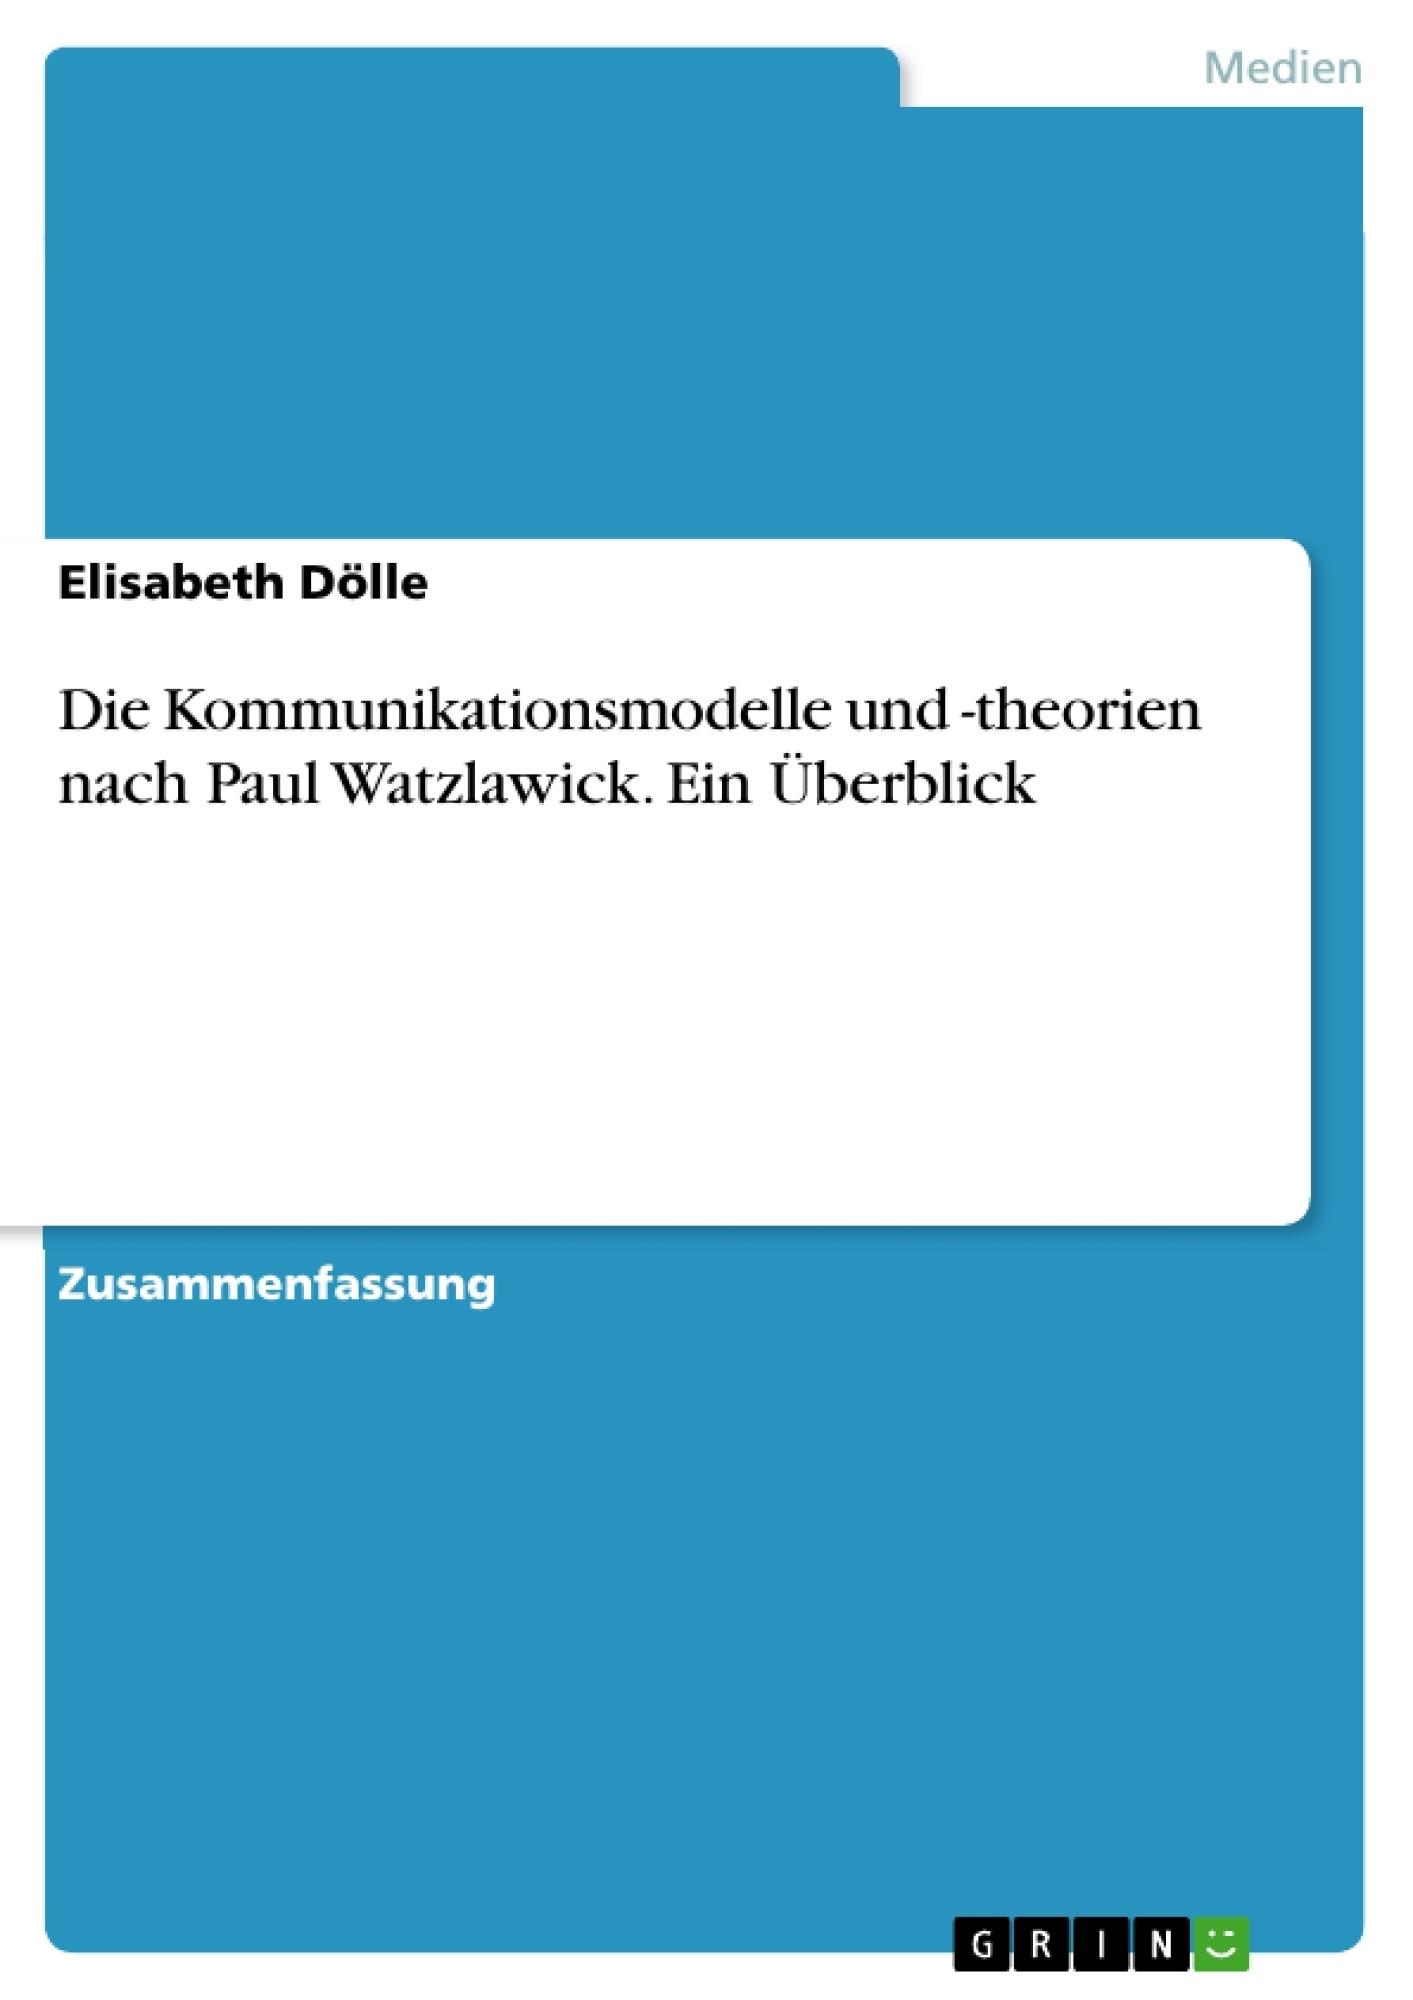 Titel: Die Kommunikationsmodelle und -theorien nach Paul Watzlawick. Ein Überblick